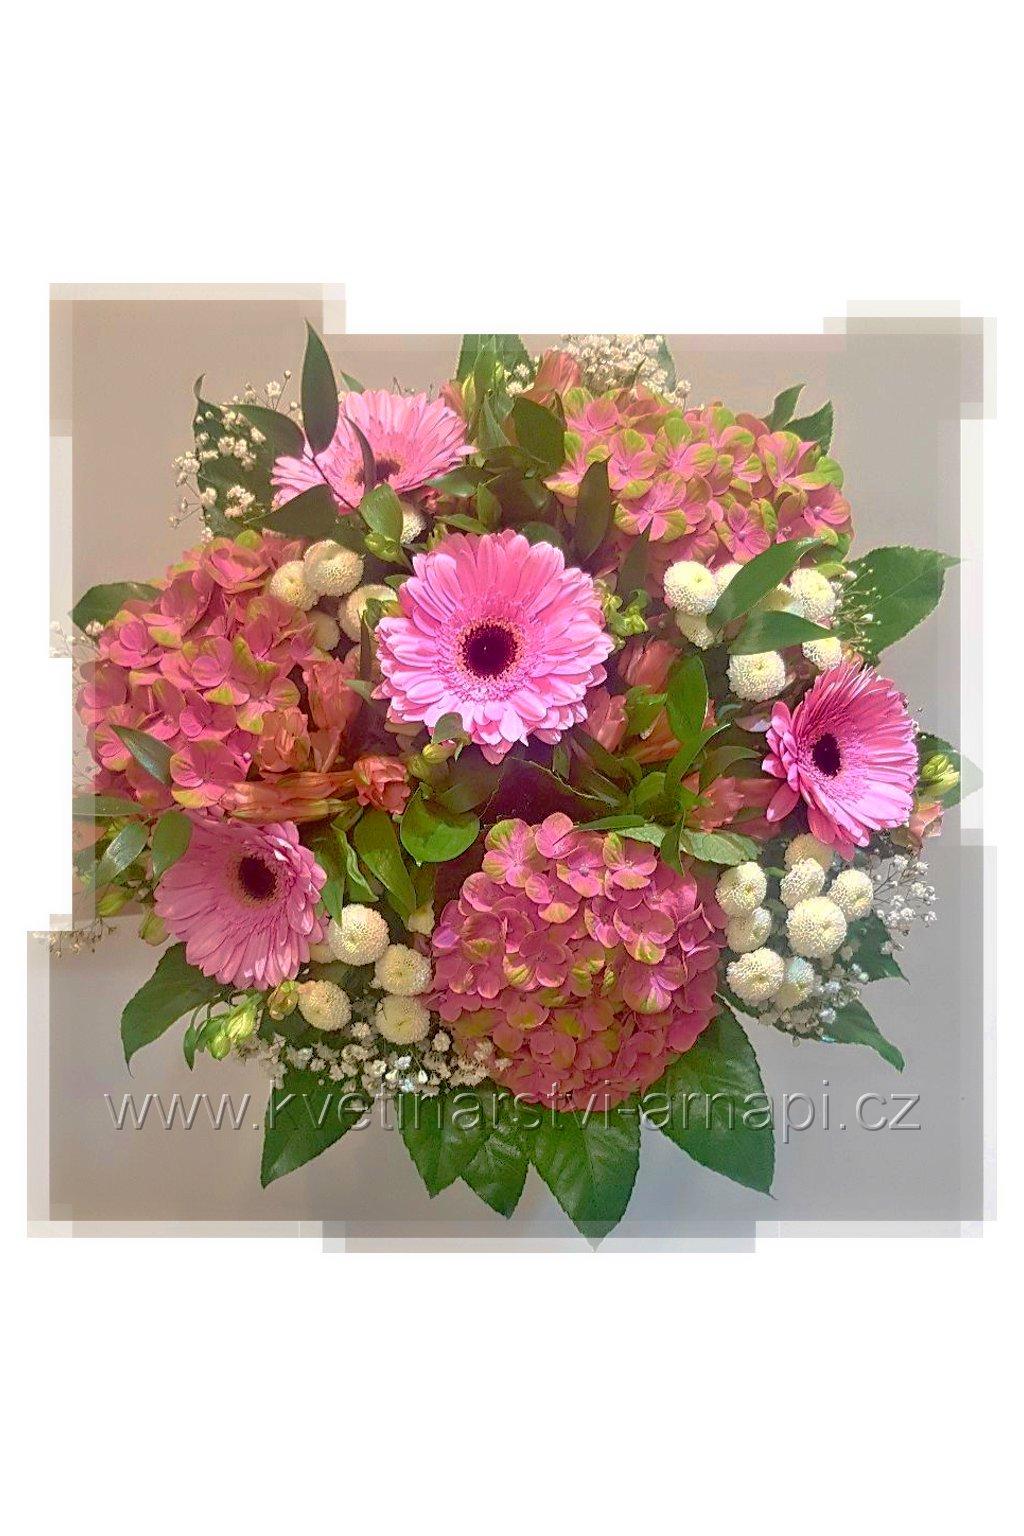 kytice hortenzie kvetiny rozvoz eshop kvetinarstvi arnapi